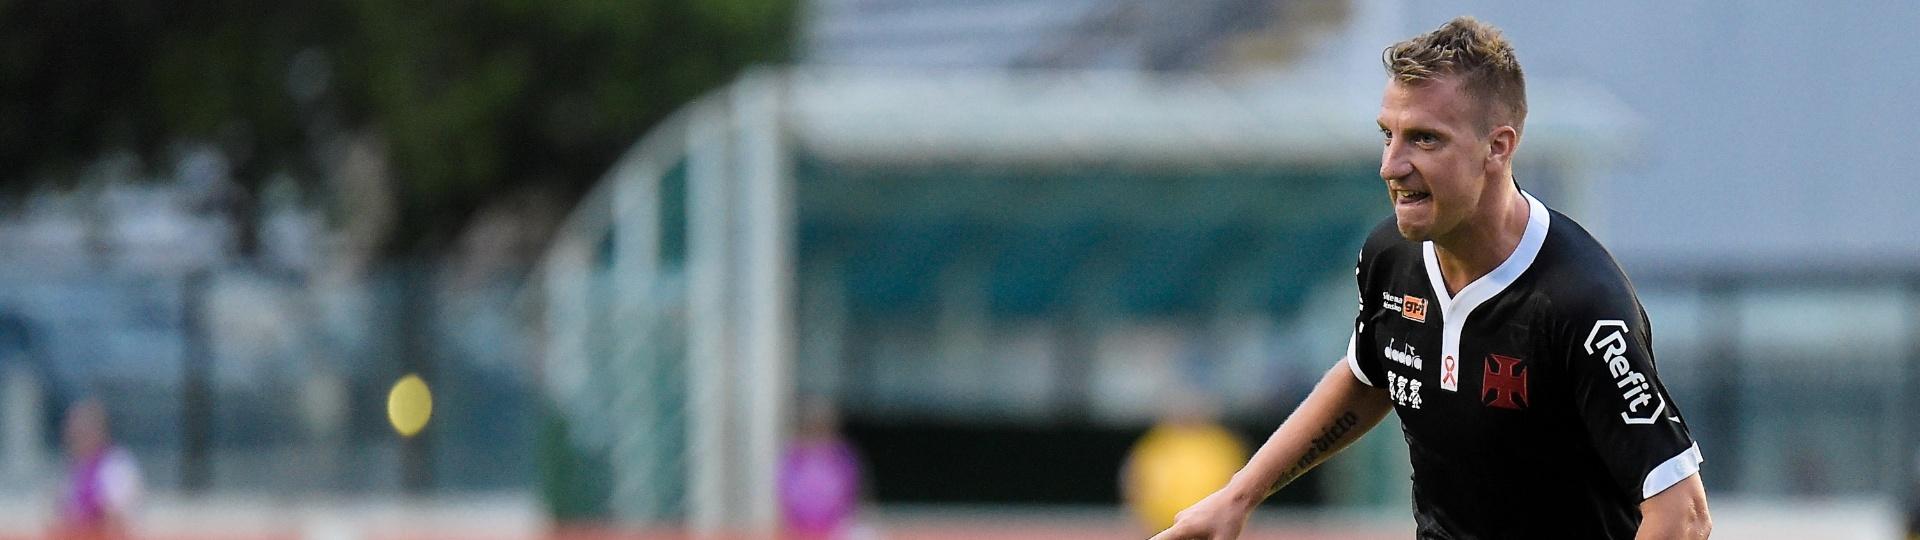 Maxi López celebra segundo gol vascaíno contra o Cruzeiro em São Januário